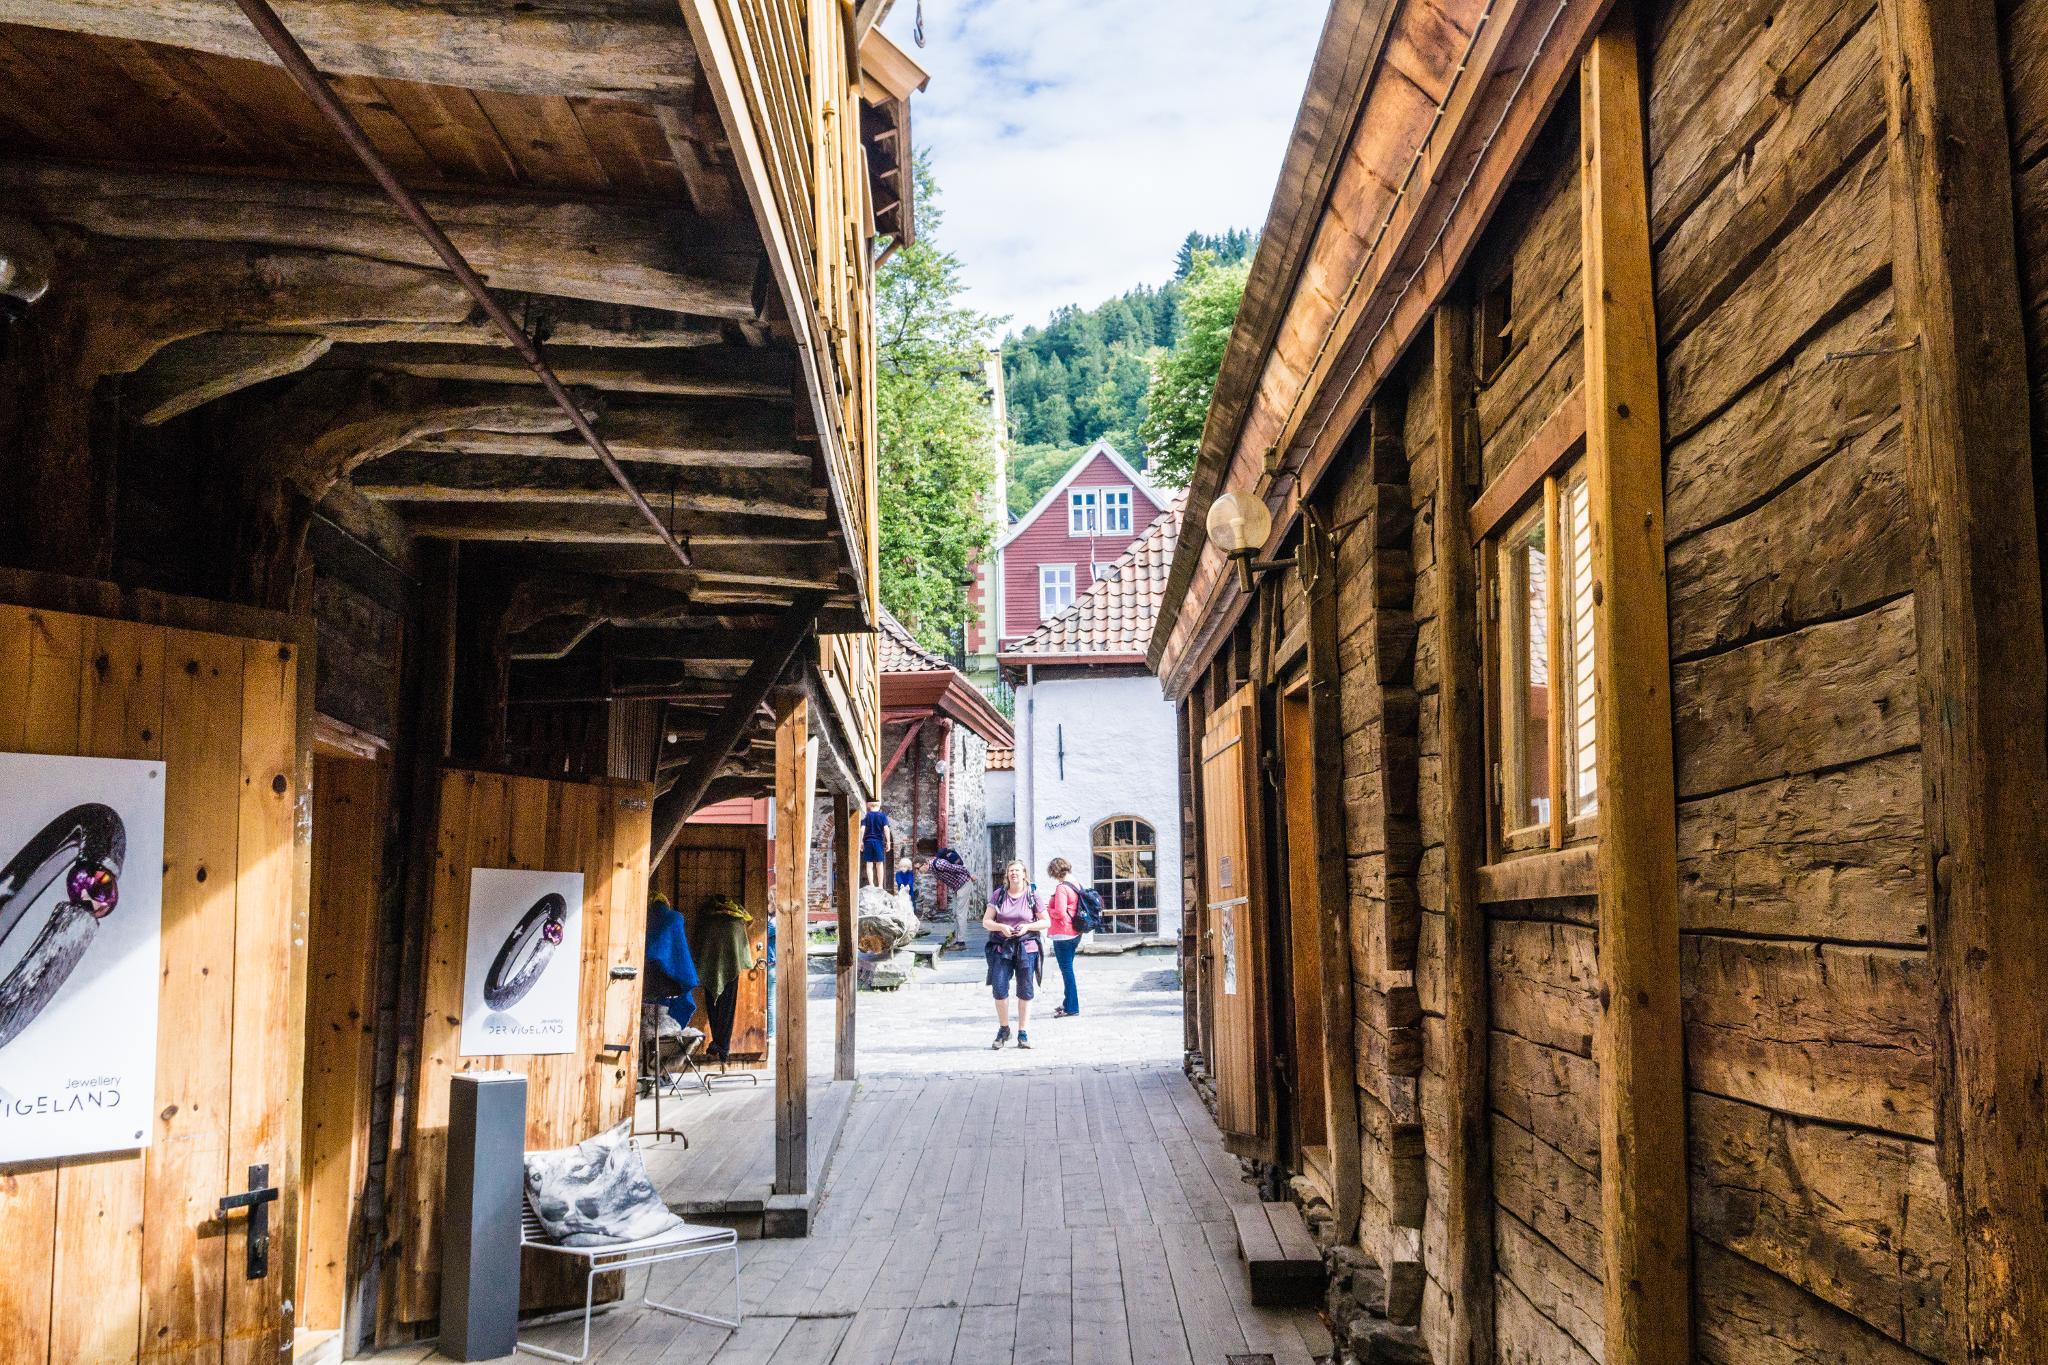 【卑爾根】童話北歐!卑爾根自由行景點全攻略 126